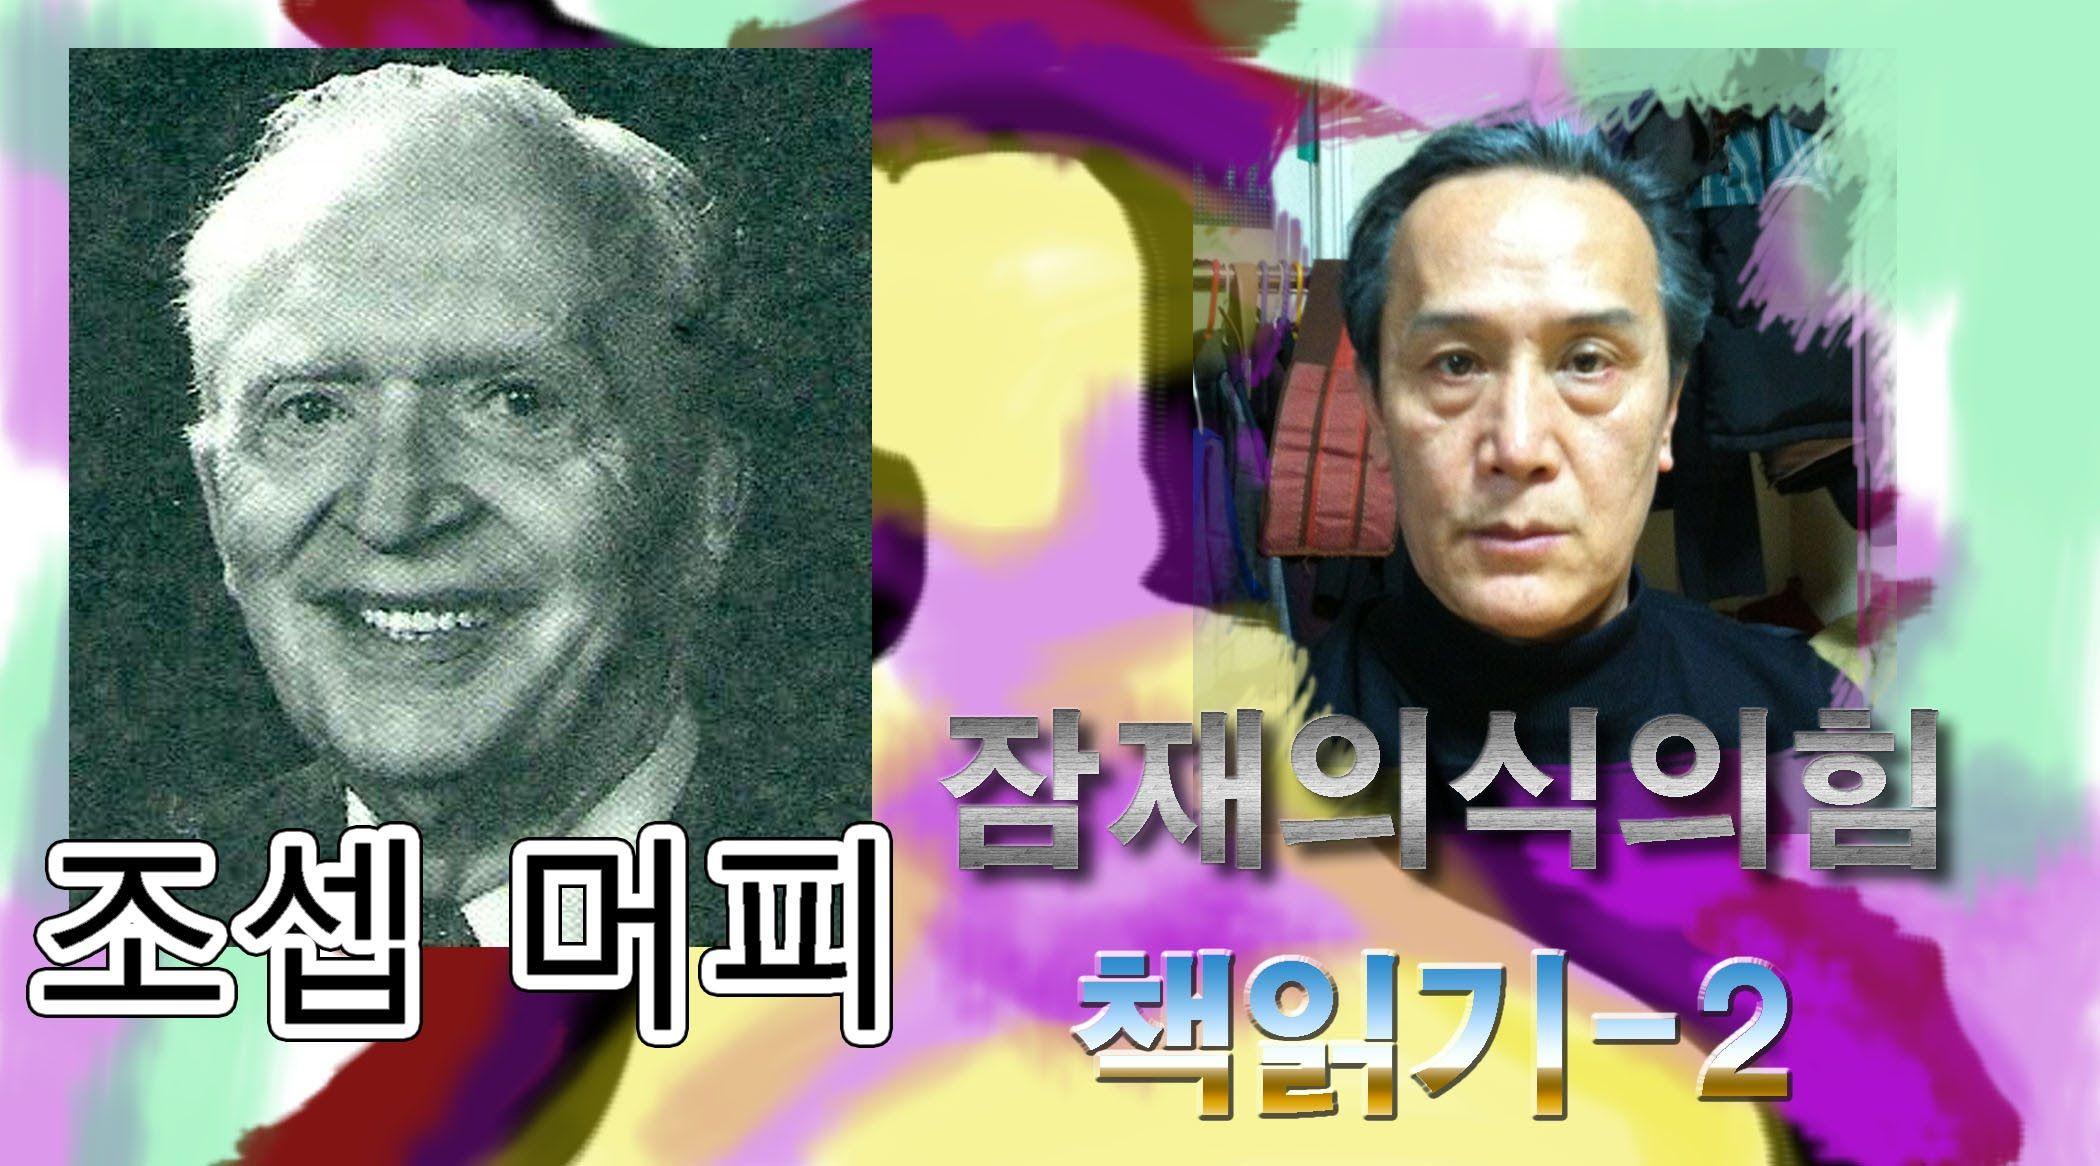 조셉머피Joseph Murphy 잠재의식의힘 책읽기  2 완결